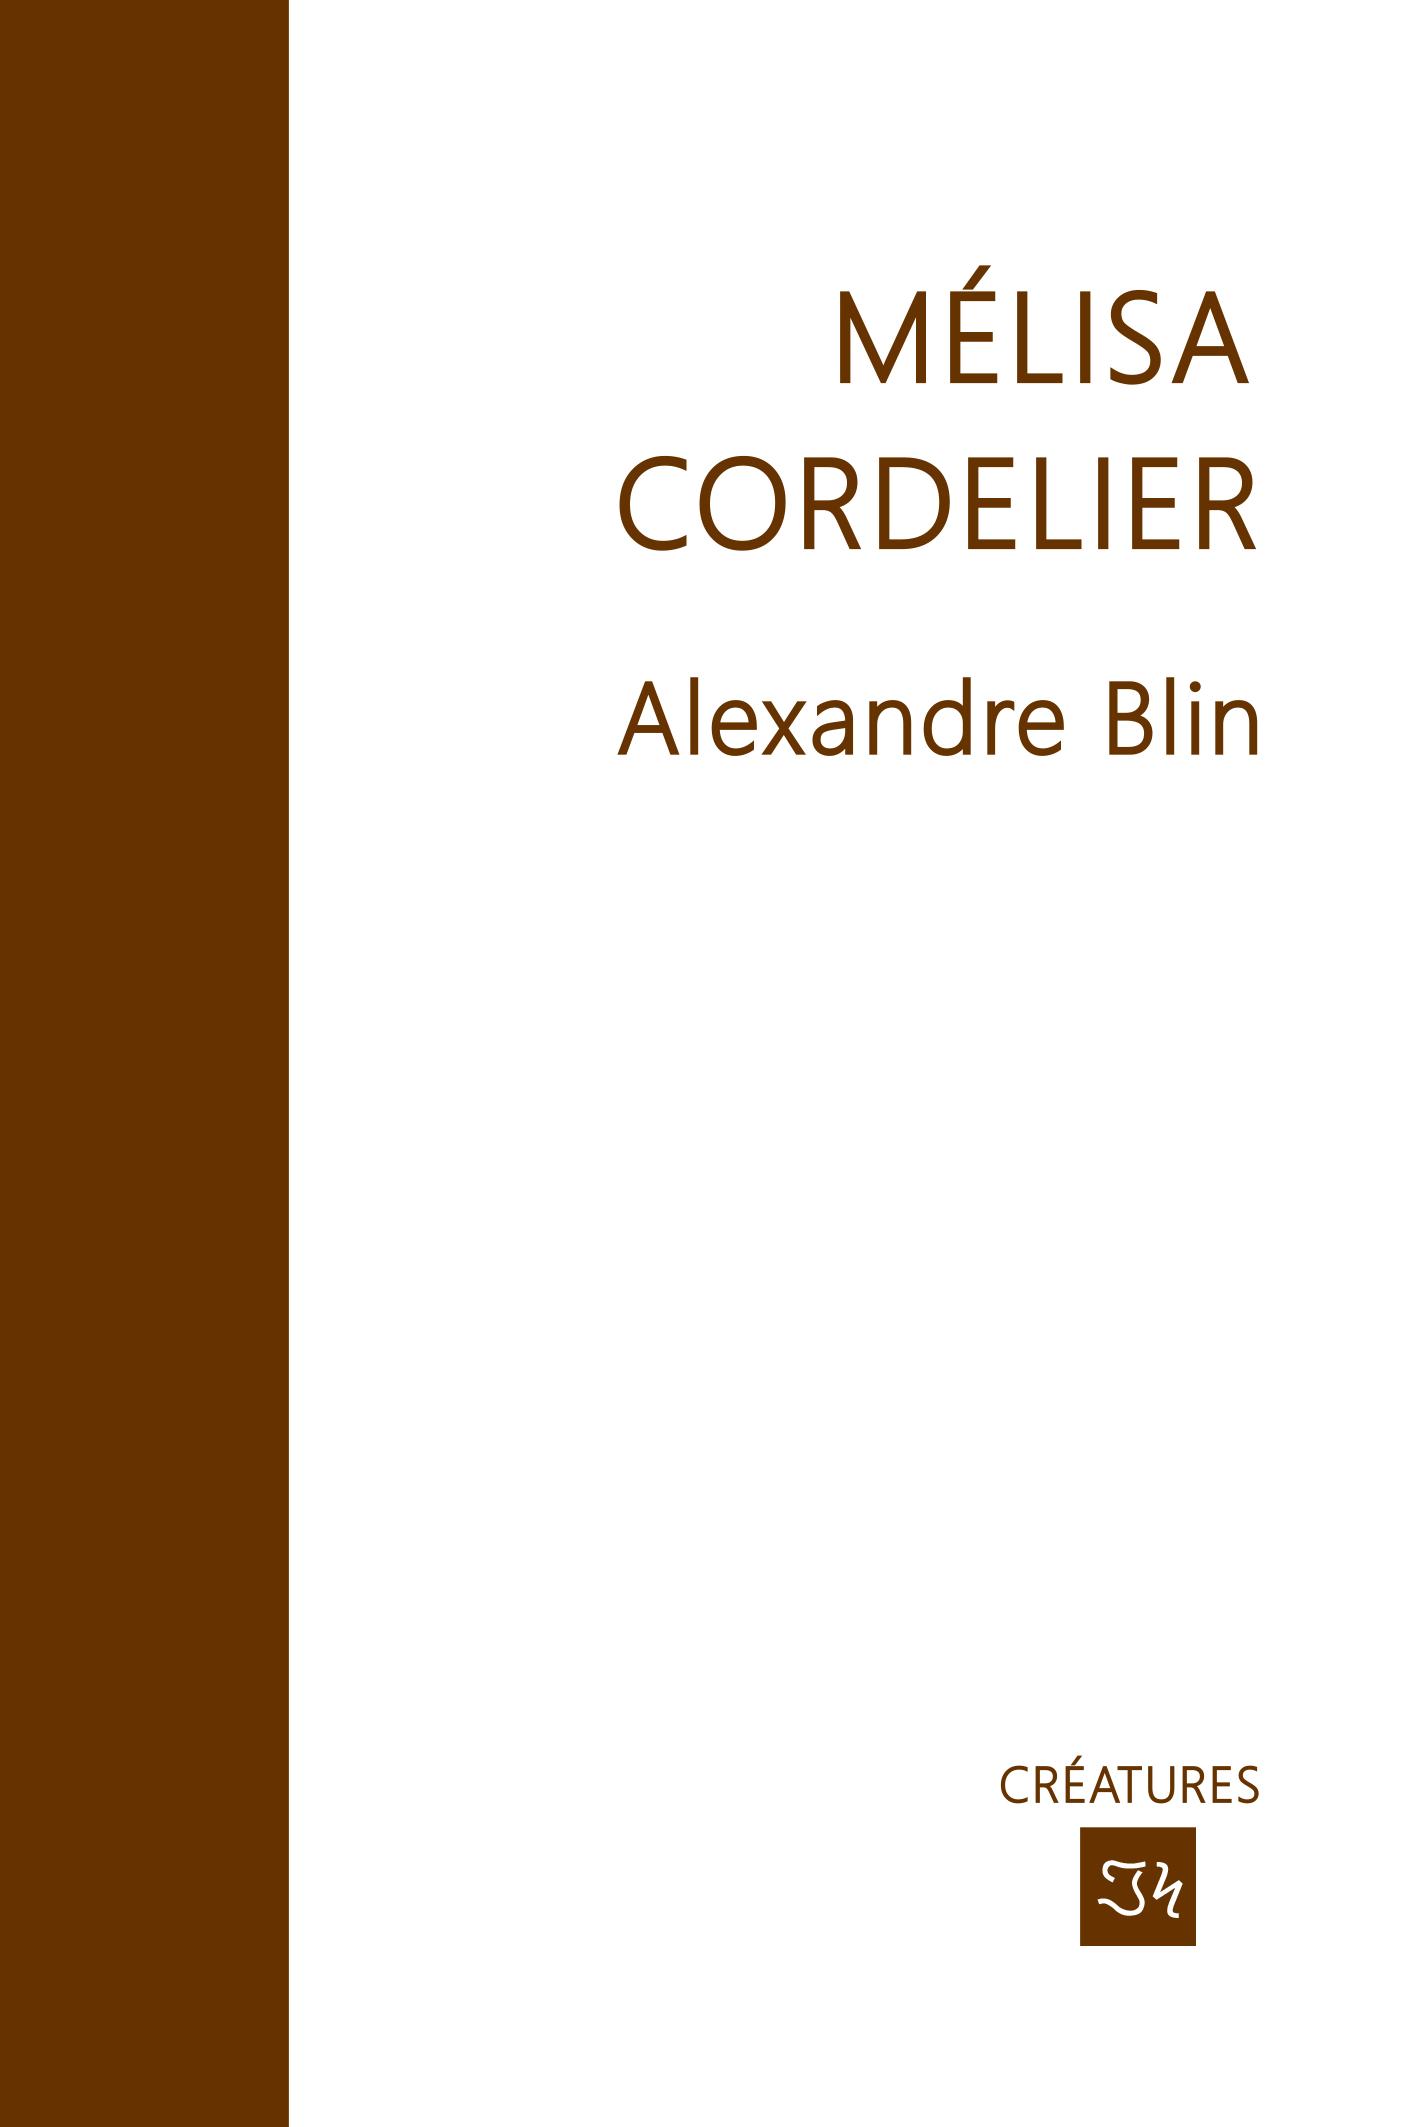 Mélisa Cordelier